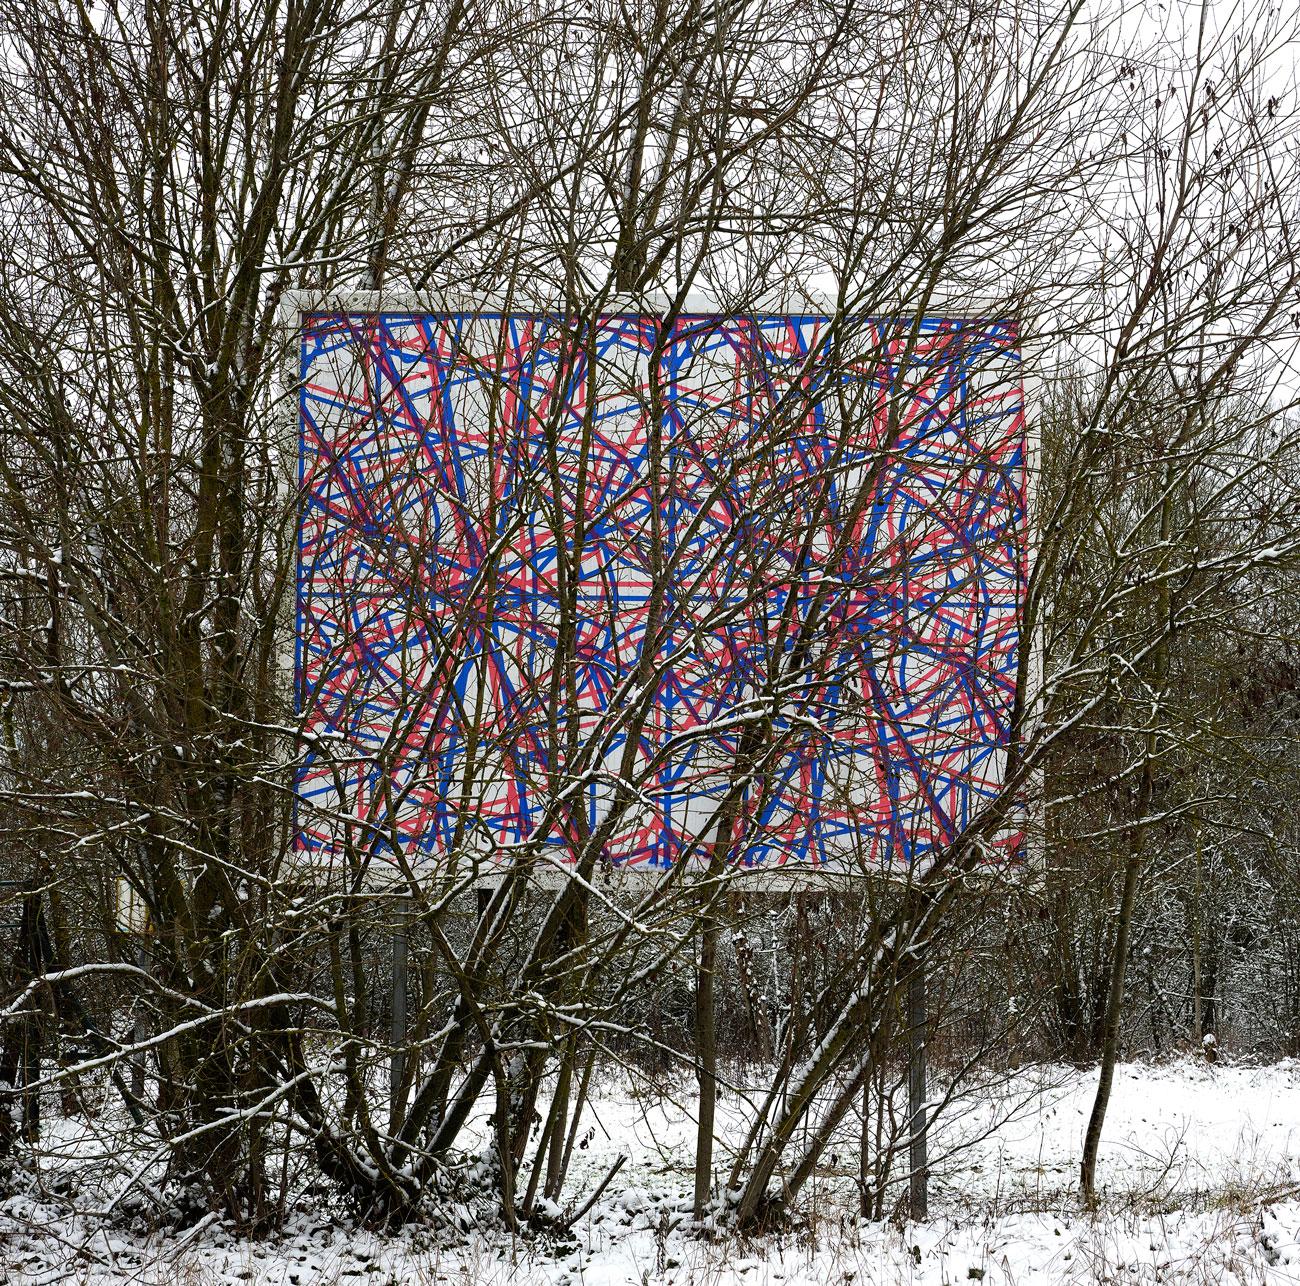 OX-peinture-panneau-derrieres-arbres-2021--Chaumont-